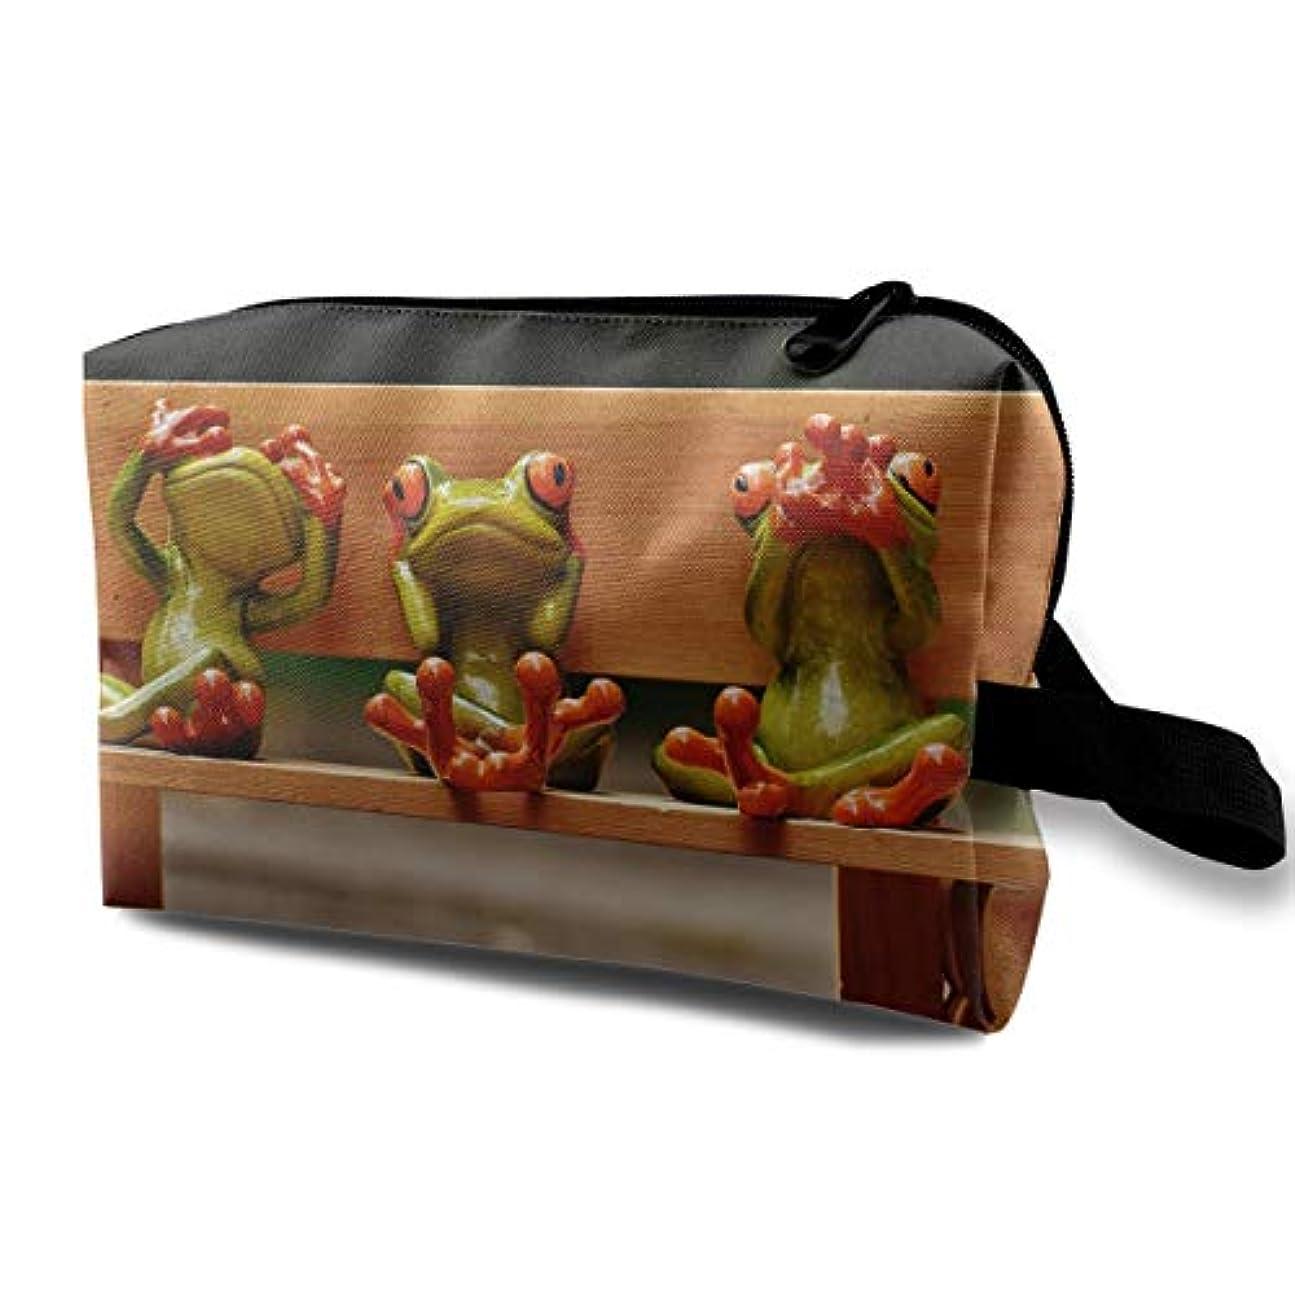 レプリカコイル自転車レディース 化粧ポーチ 旅行収納ポーチ トイレタリーバッグ 赤い目の蛙 コスメ メイクポーチ ハンドバッグ 大容量 化粧品 鍵 小物入れ 軽量